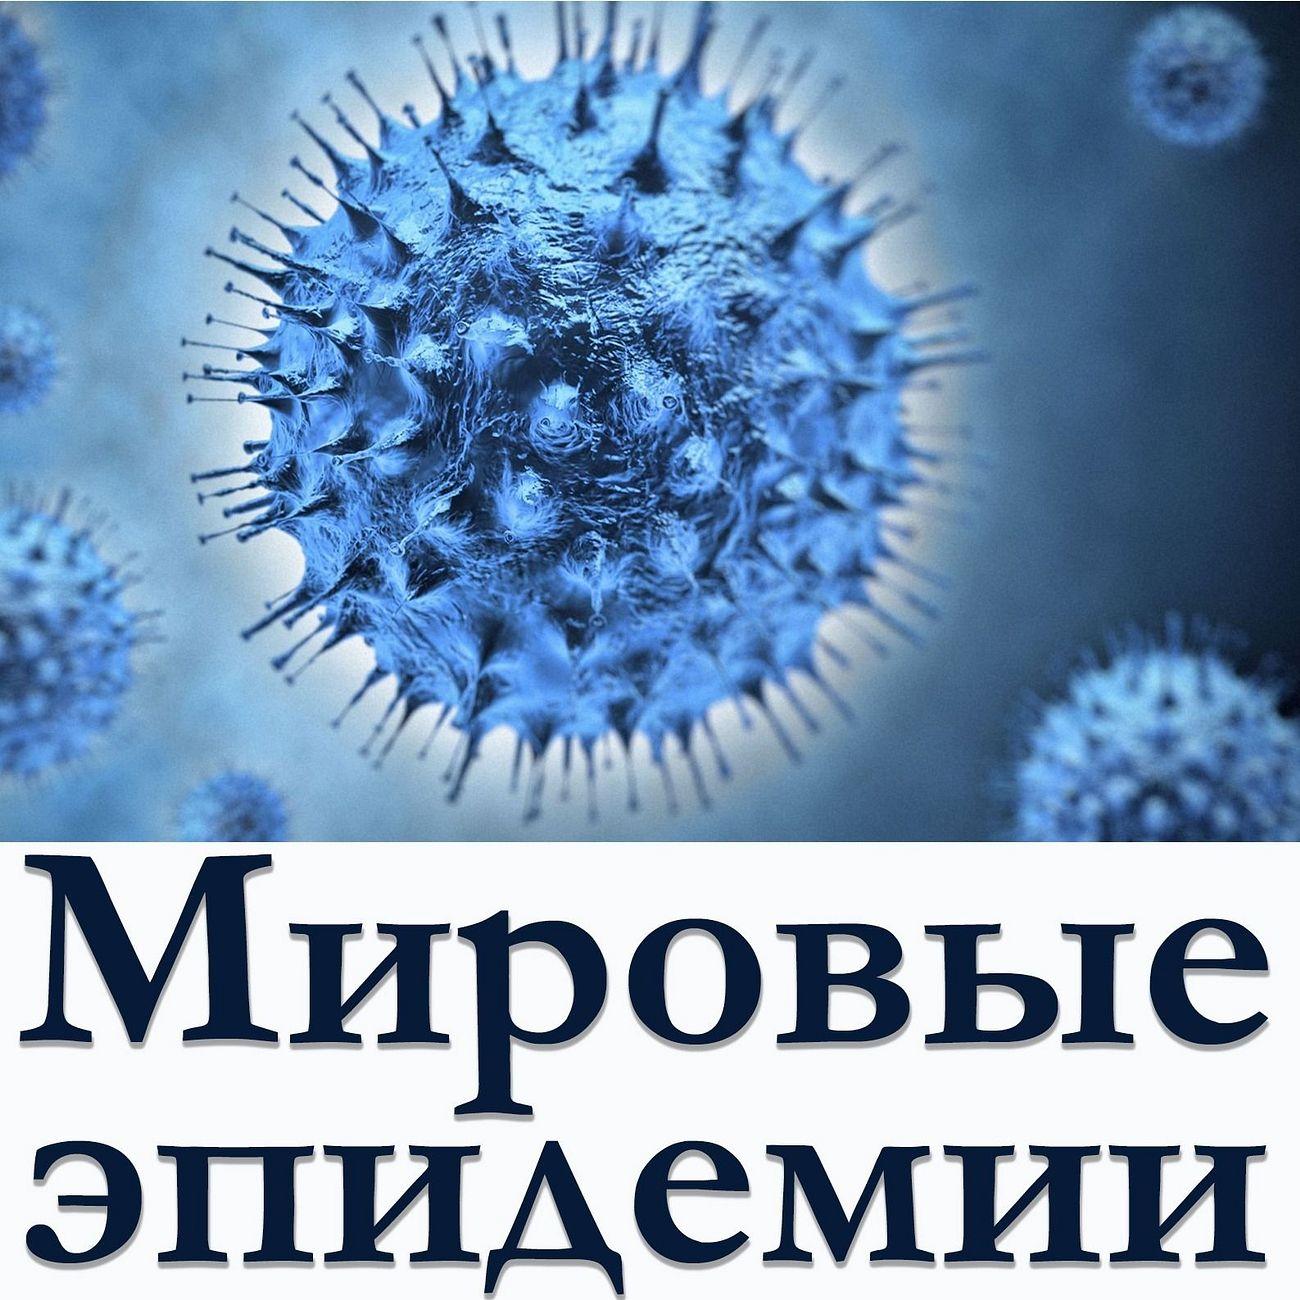 Мировые эпидемии